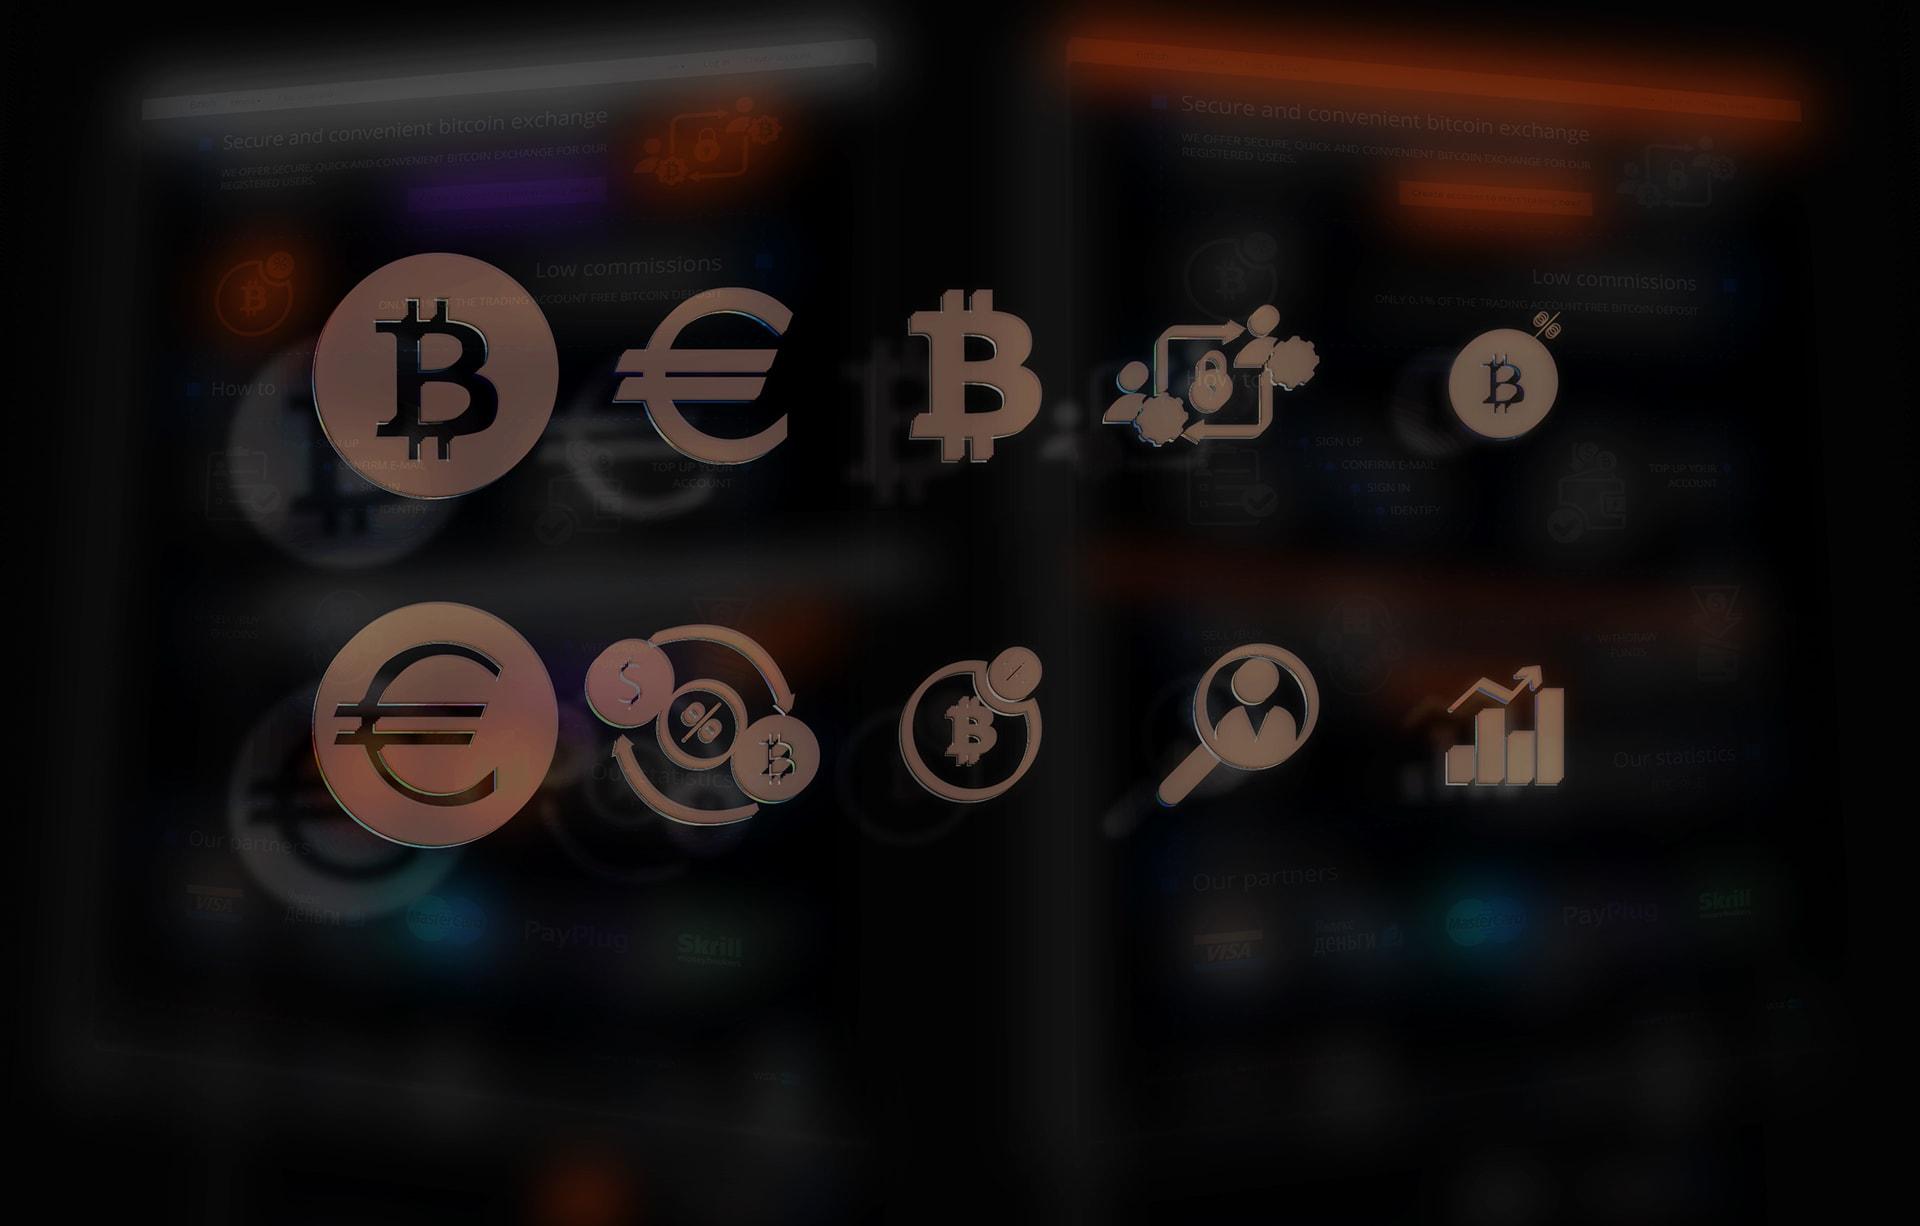 Hányszor fizethetek ugyanazzal a kripto tokennel? | MNB Intézet Blog